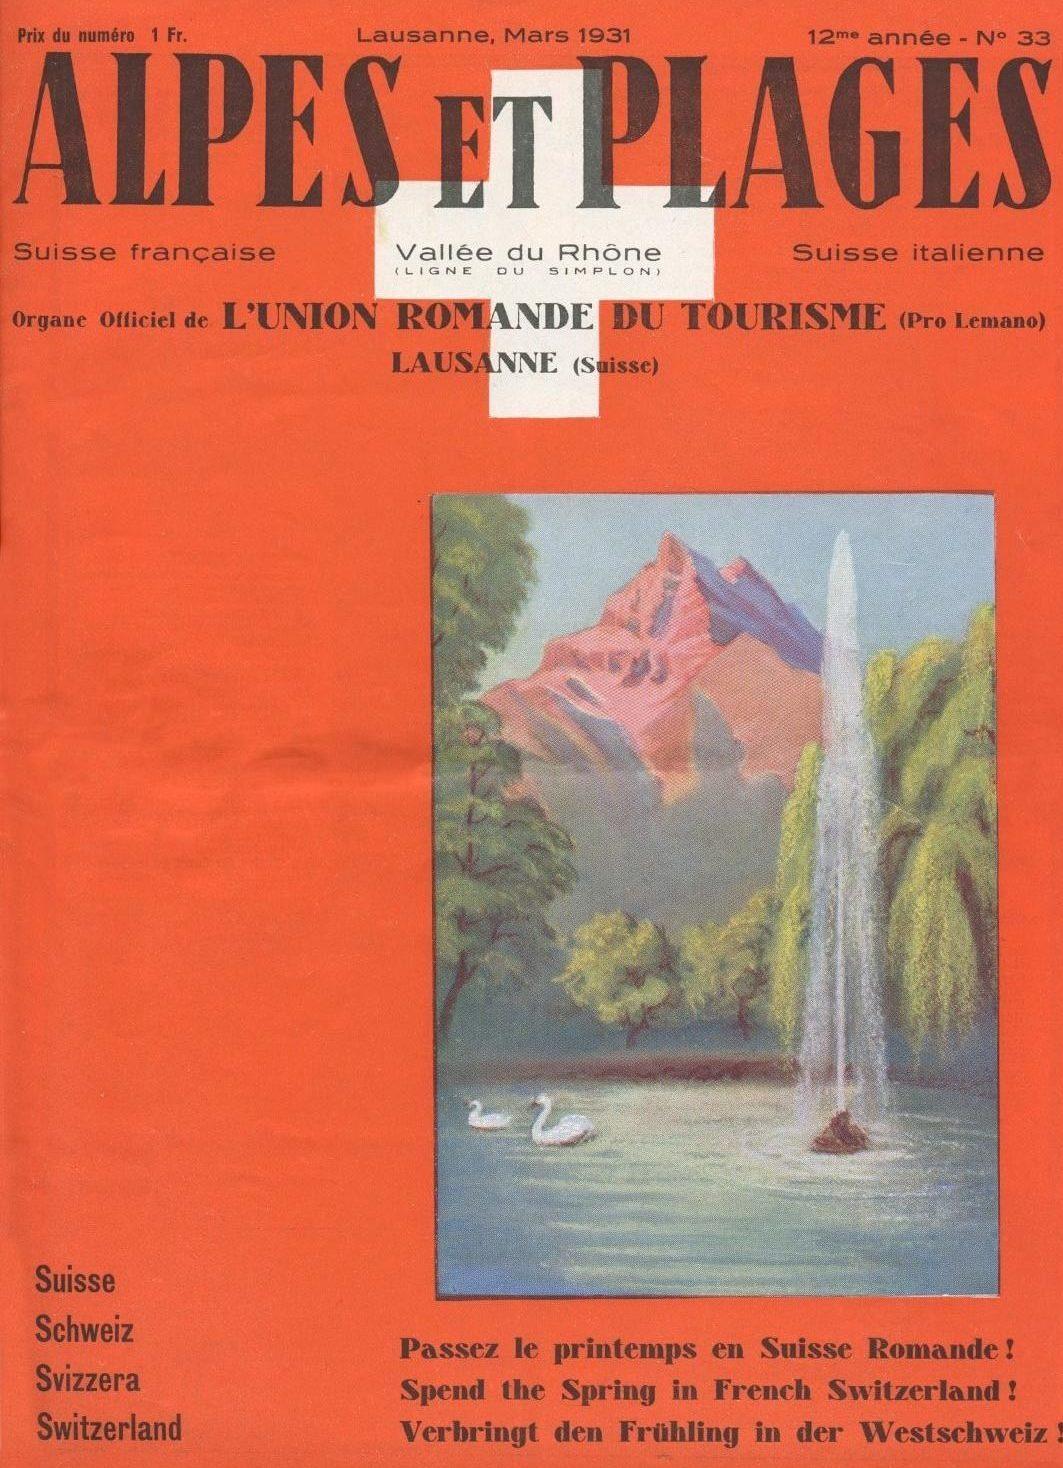 Alpes et plages, organe officiel de l'Union romande du tourisme, Lausanne, (Suisse) 1931, collection Mandement de Bex